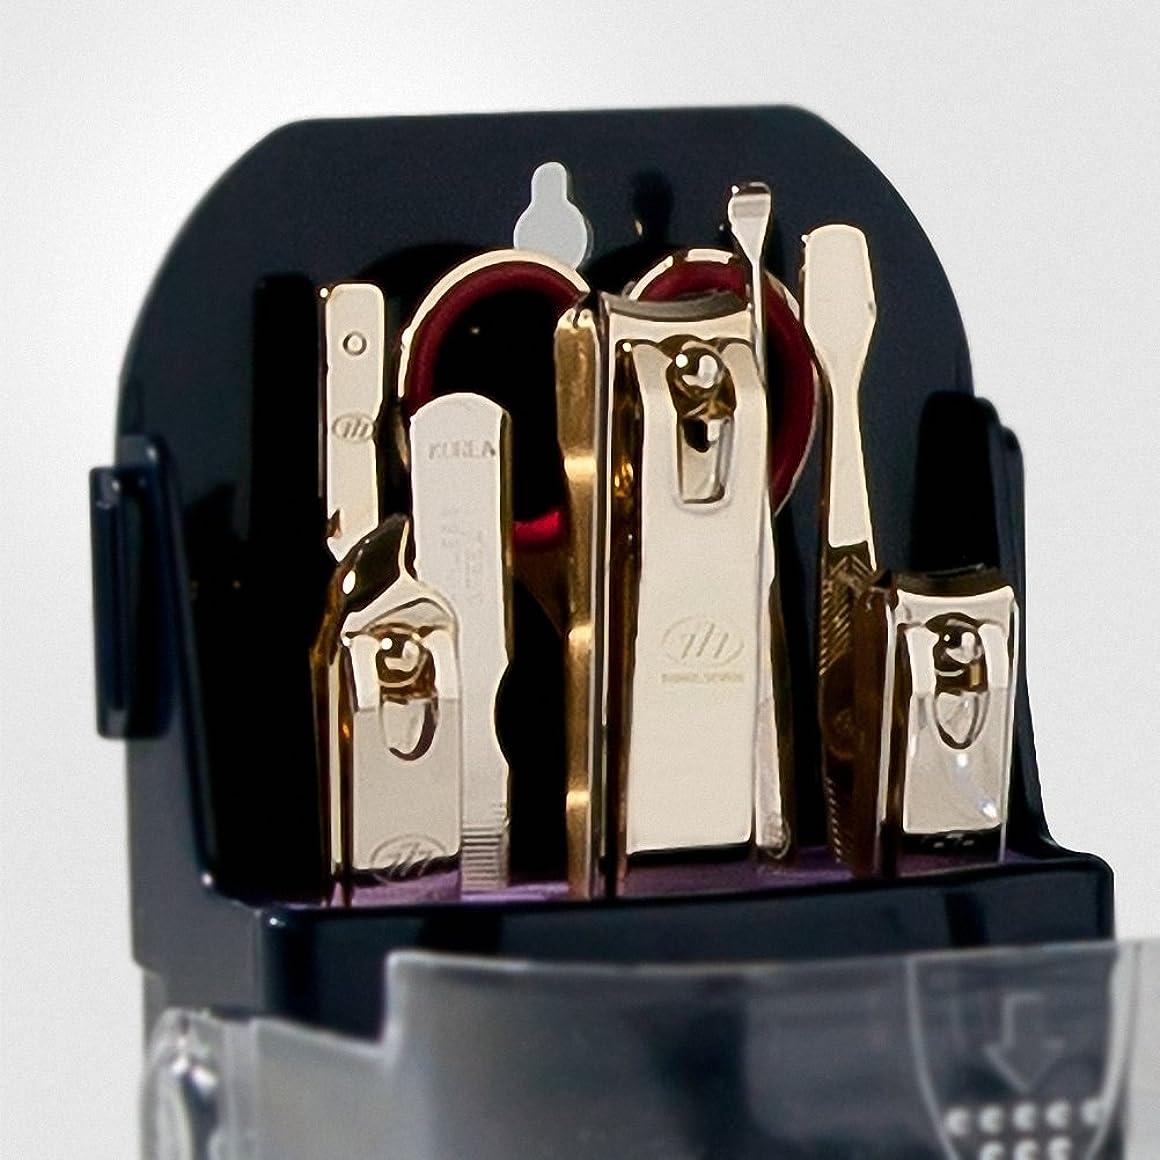 修理工世界記録のギネスブック今【 三セブン】THREE SEVEN TS-095 Manicure Set 三セブンTS 095マニキュア セット (2.Gold) [並行輸入品]